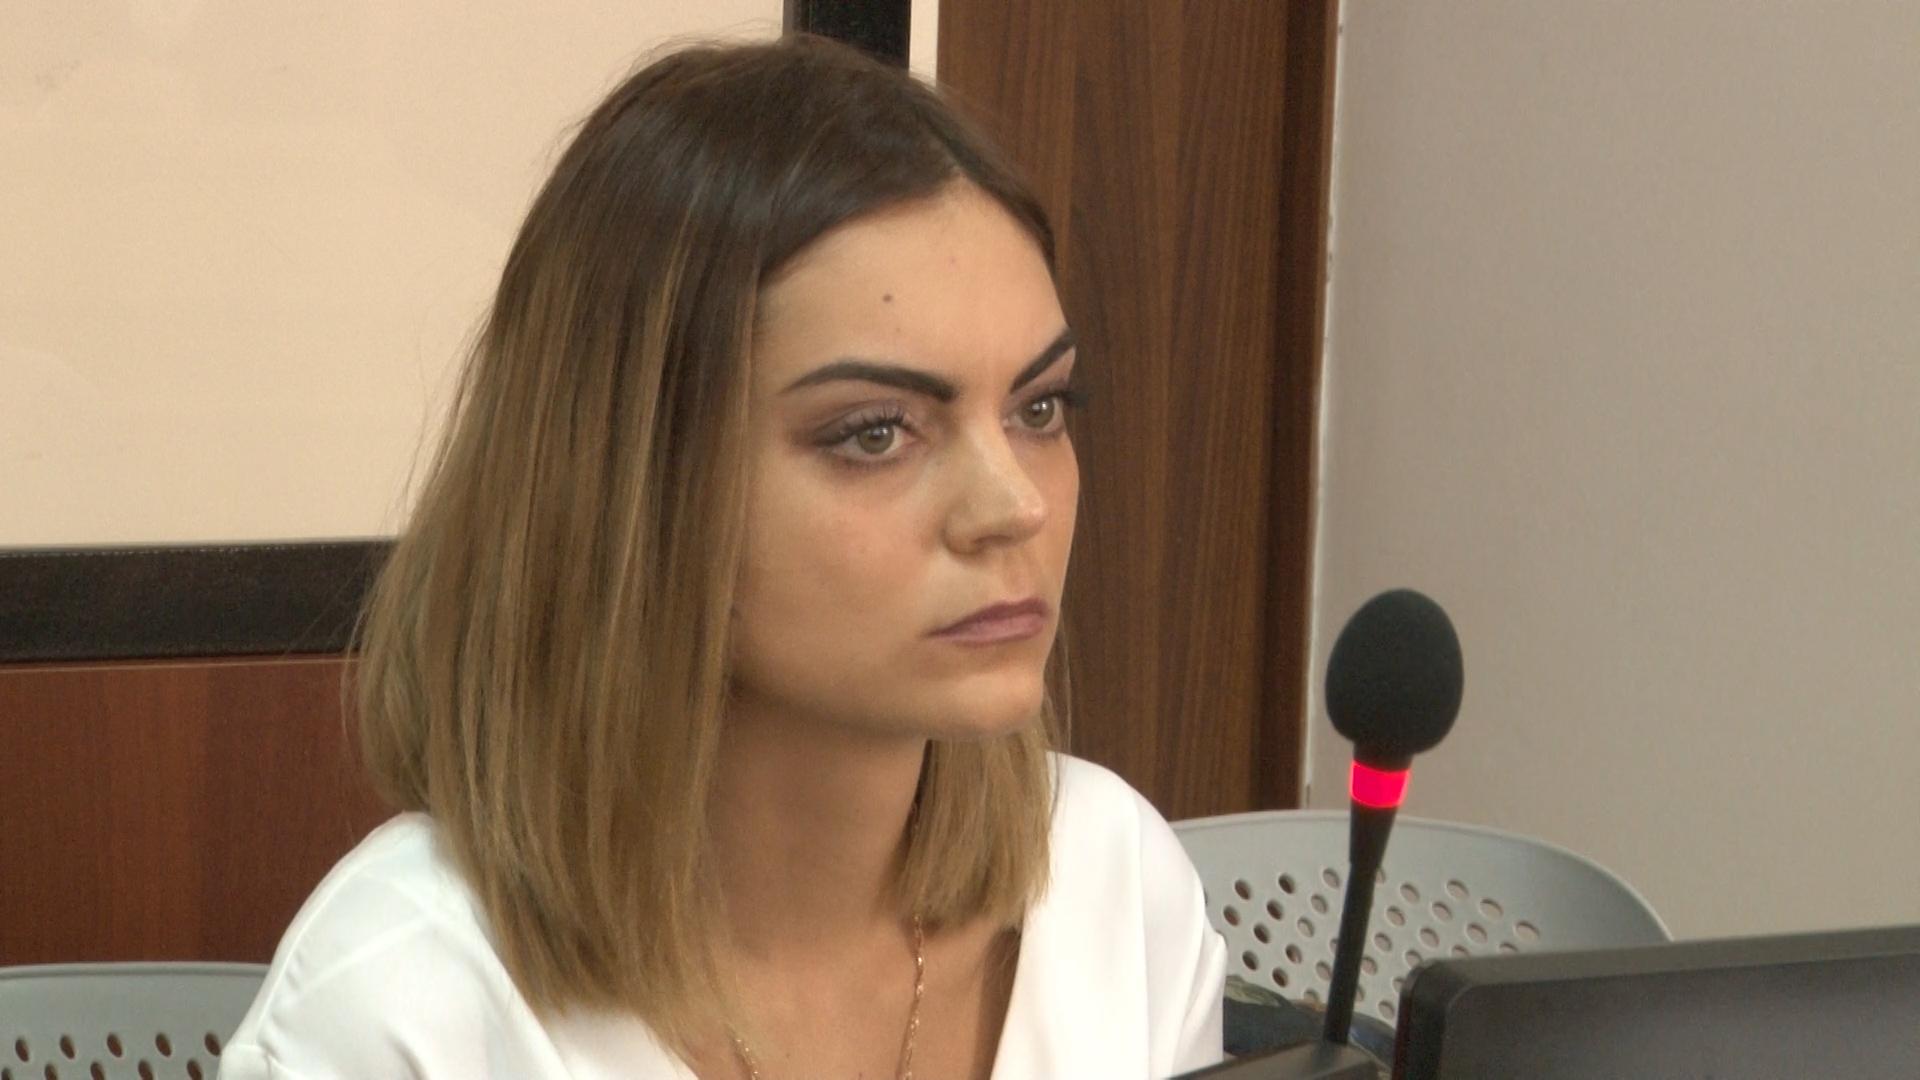 Журналистку Алину Сушко, обвиненную капитаном полиции в клевете, суд оправдал